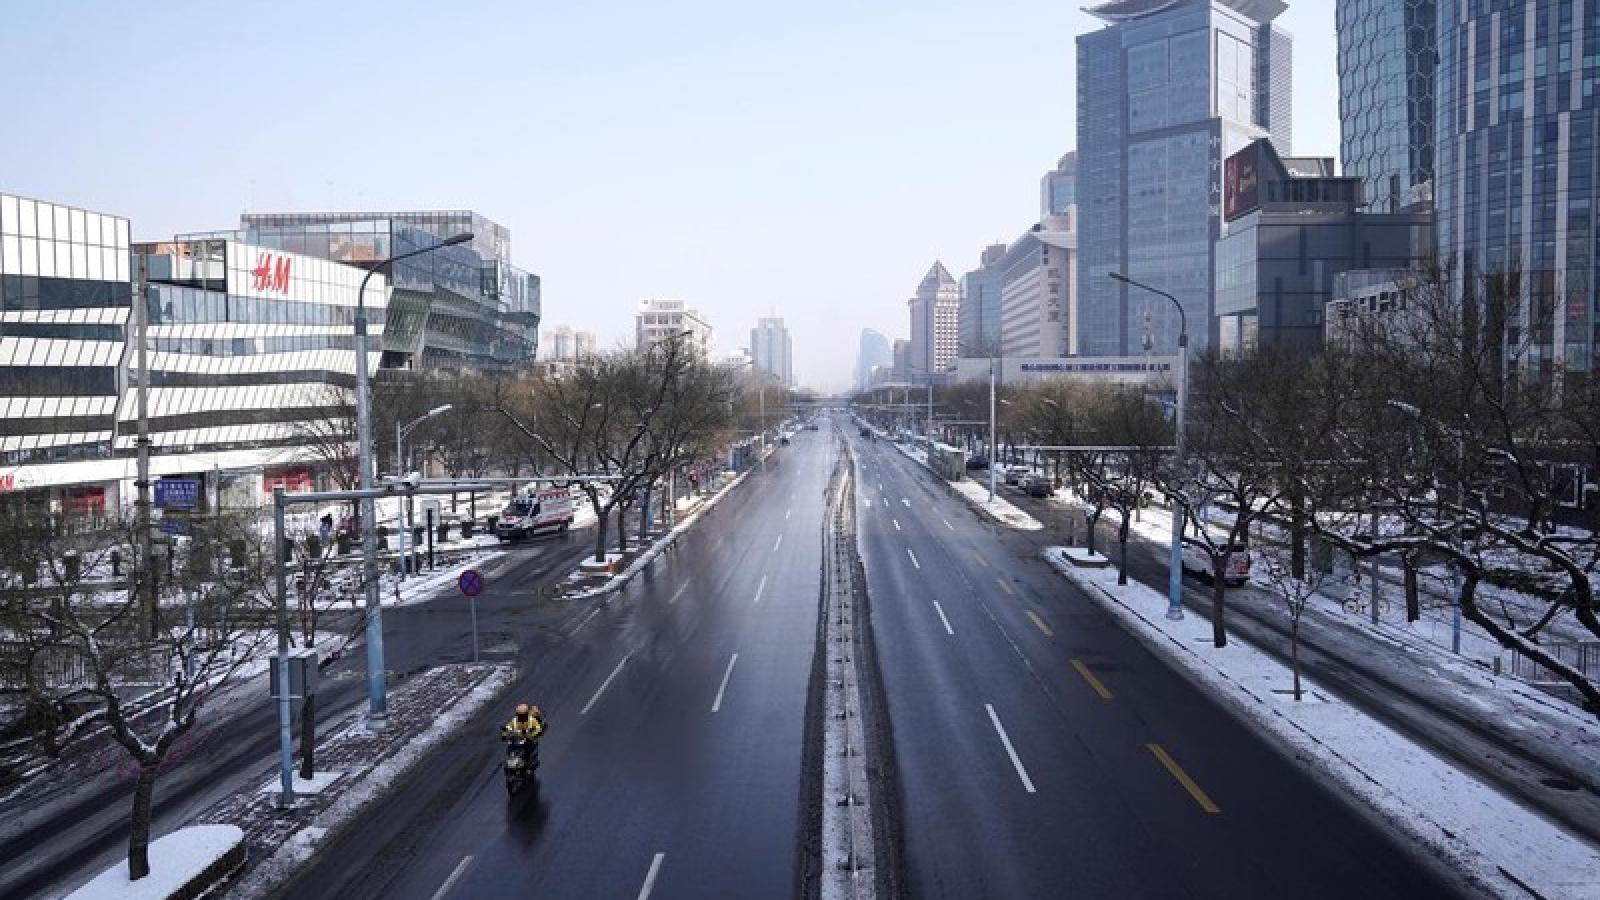 Bắc Kinh tăng cường chế tài xử lý các hành vi không văn minh nơi công cộng